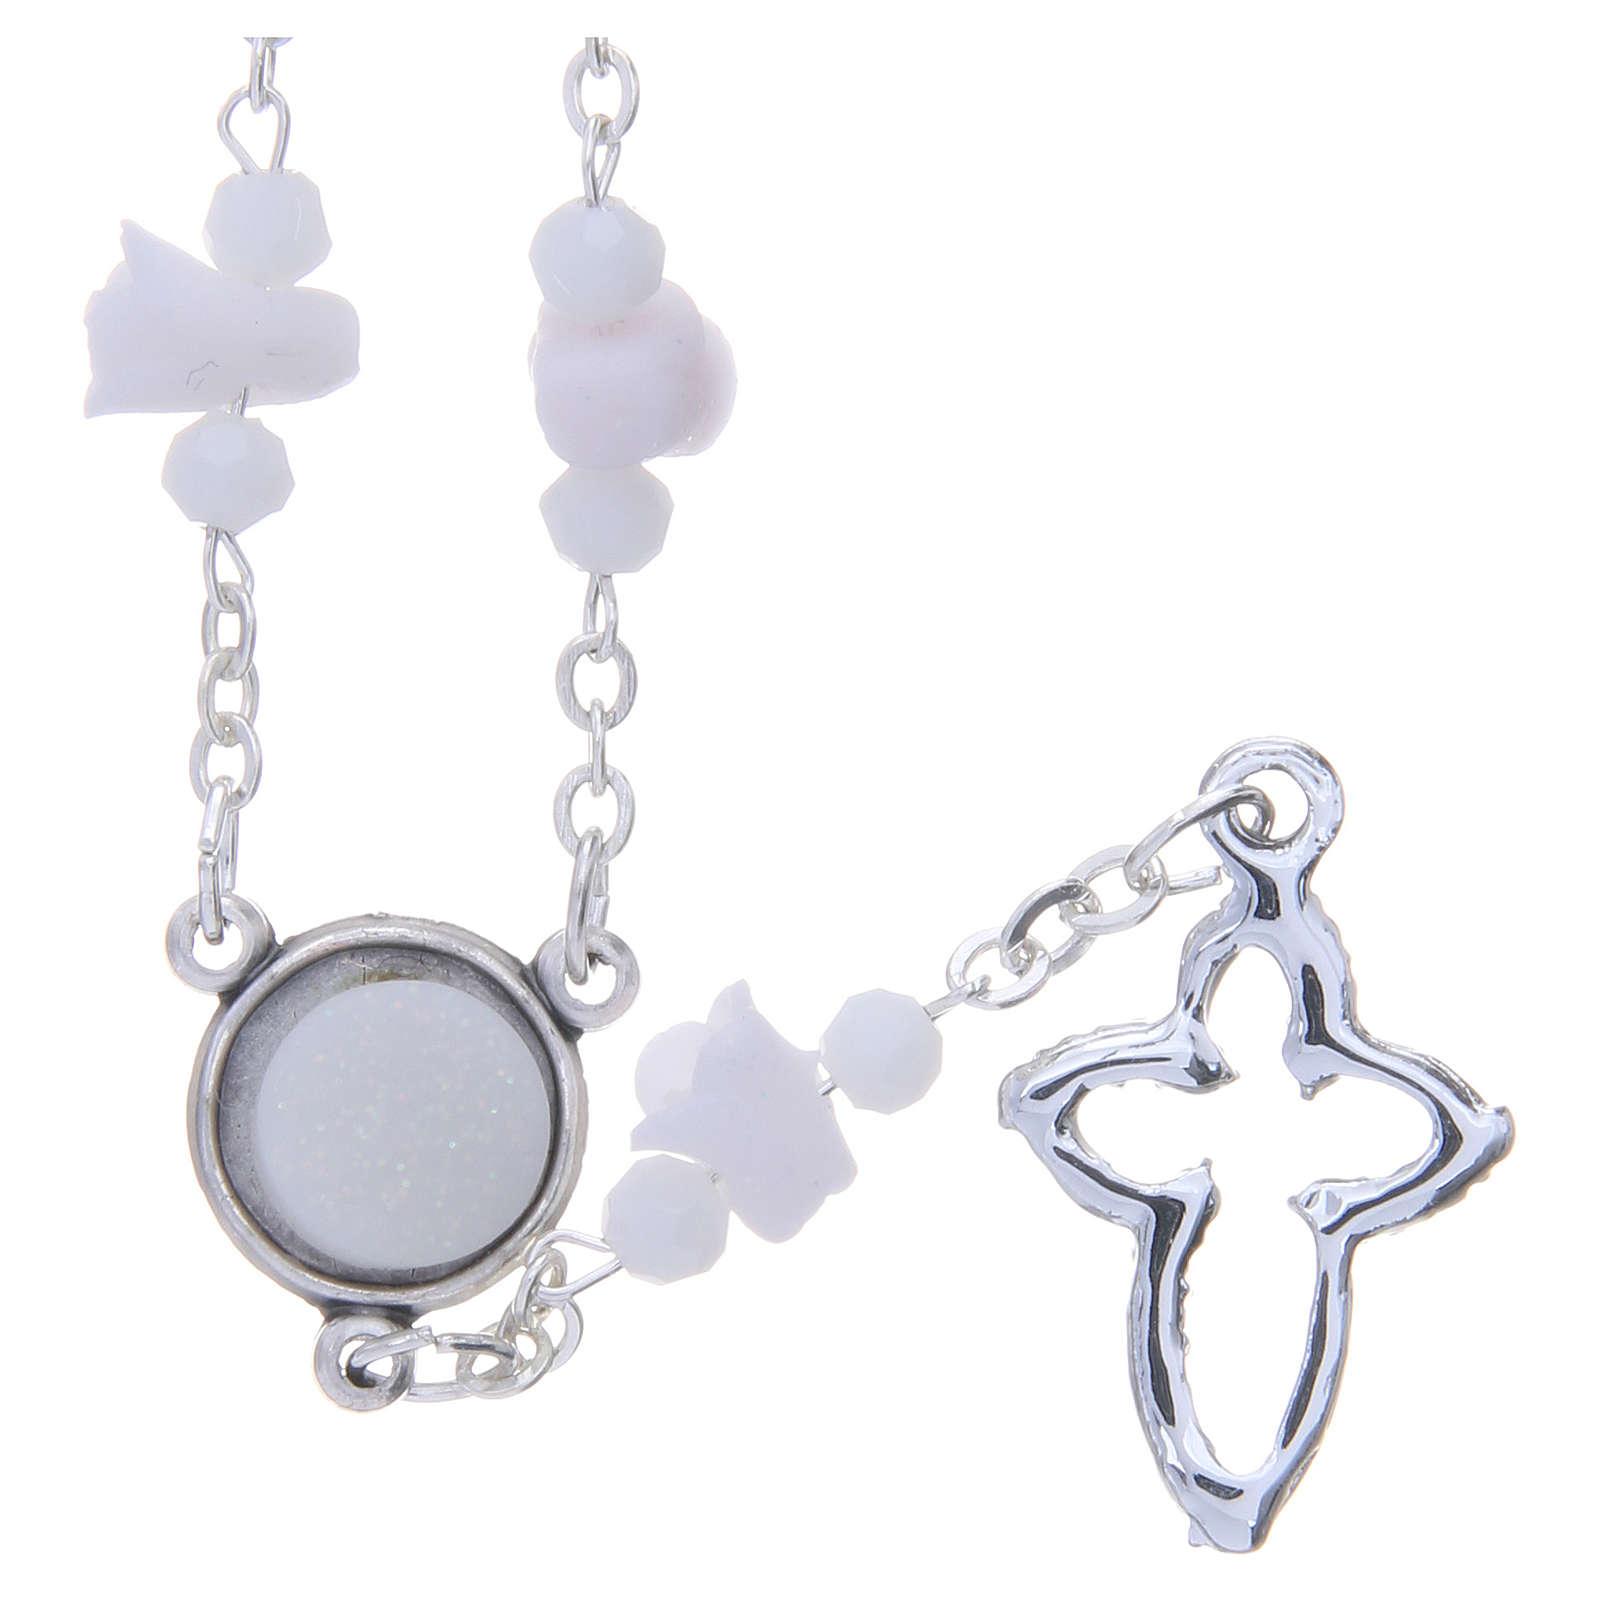 01aec5470339 Collar rosario Medjugorje blanco rosas y cuentas cristal 4